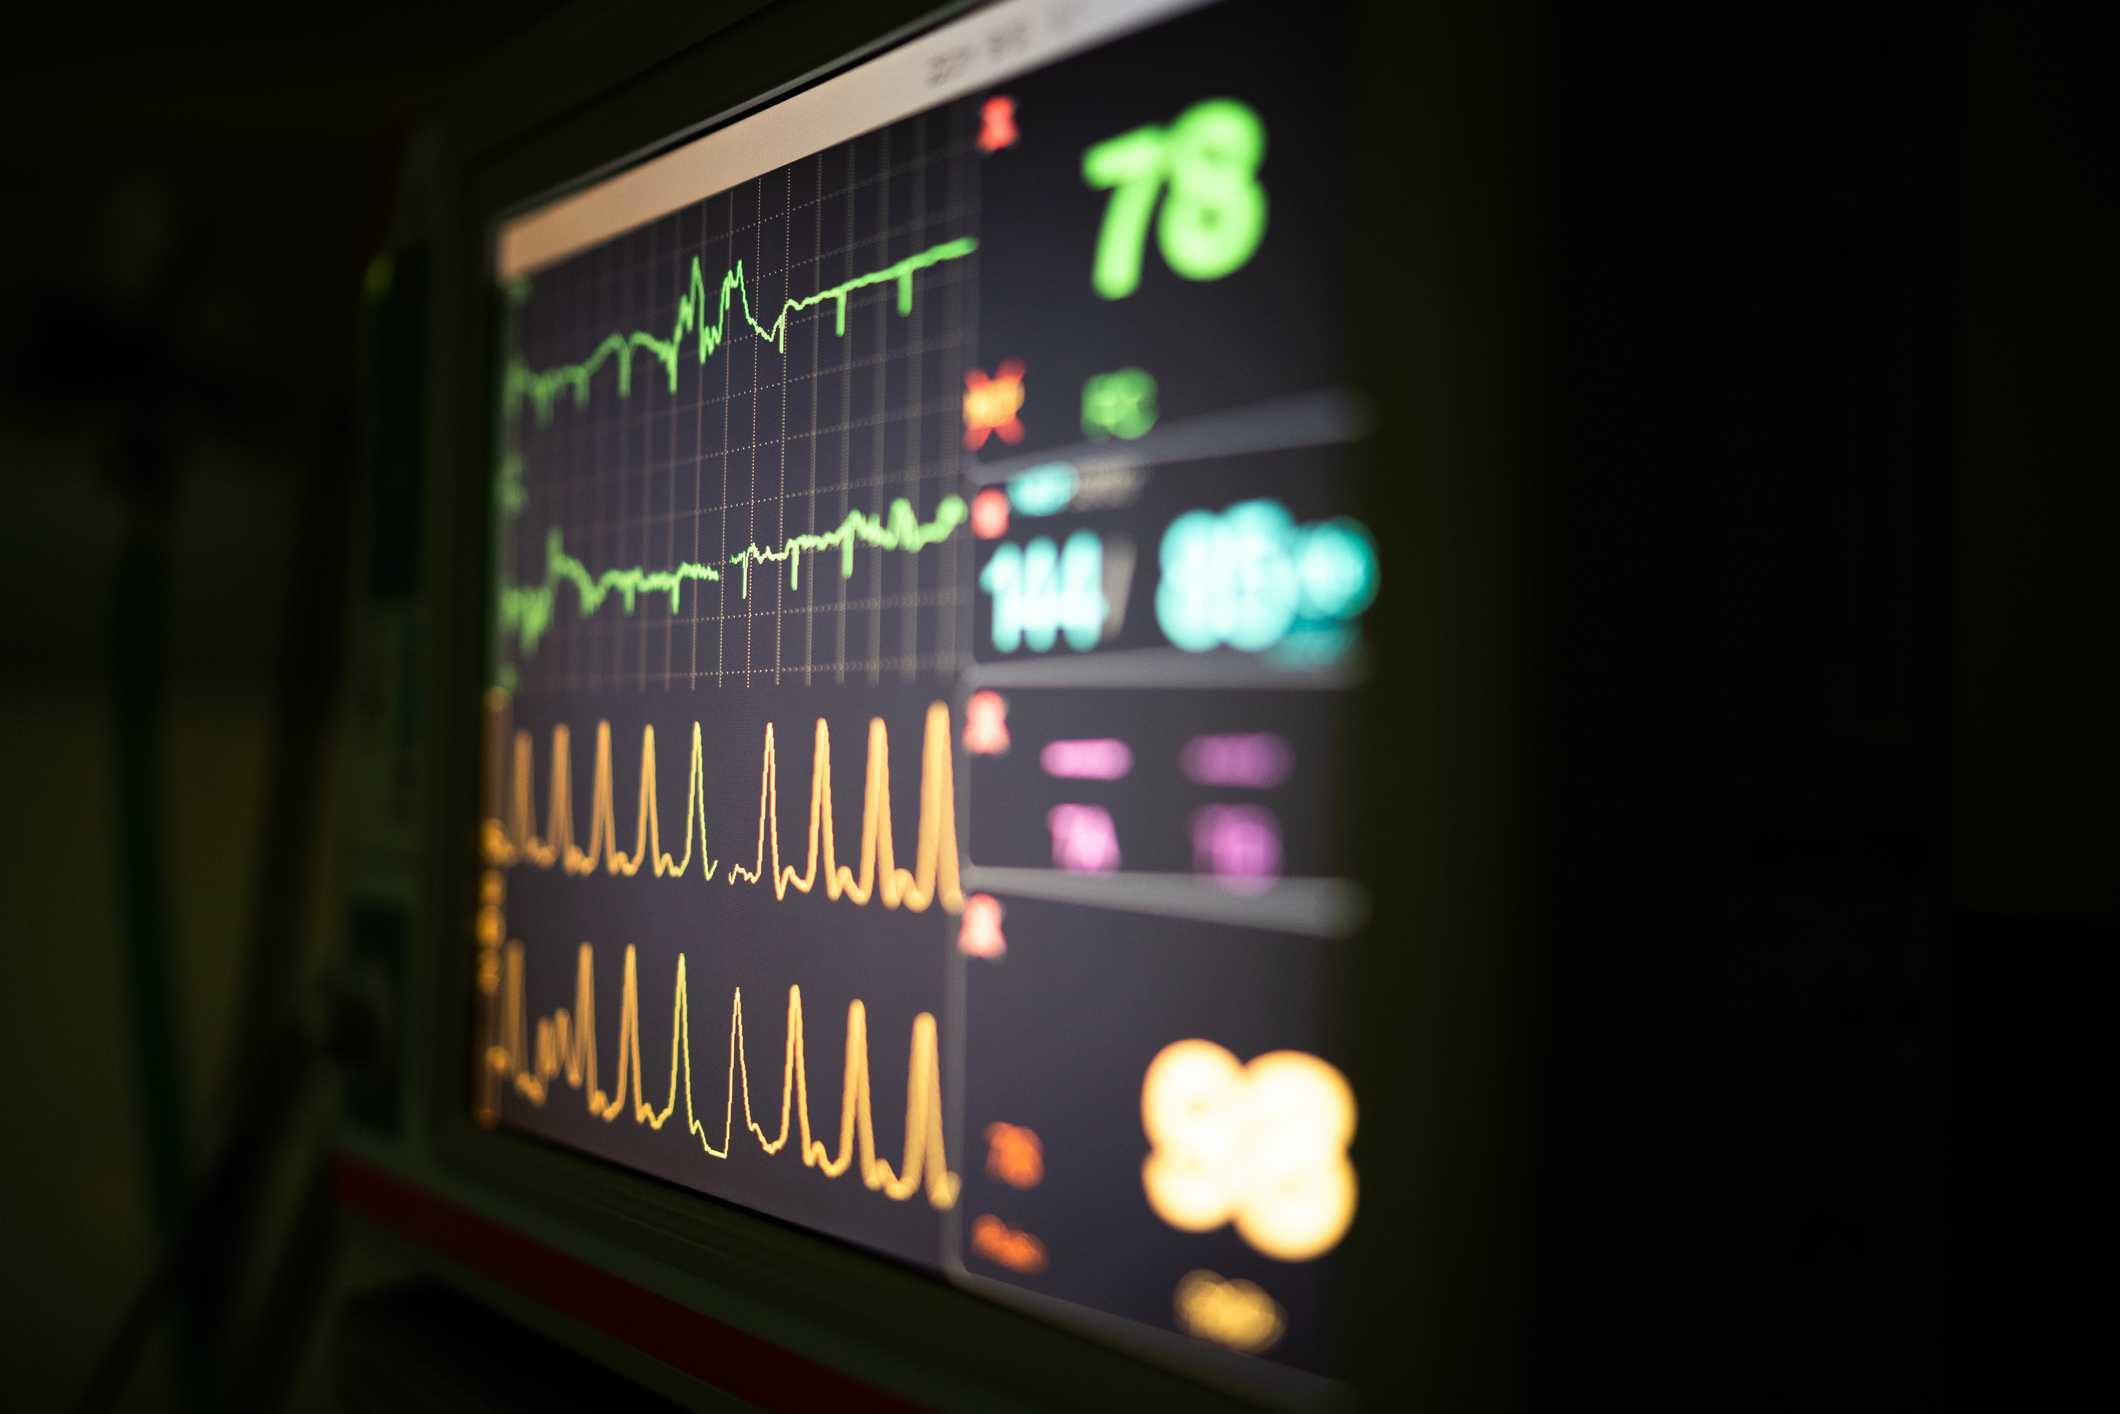 Confira os cuidados essenciais com o oximetro e o sensor de oximetria